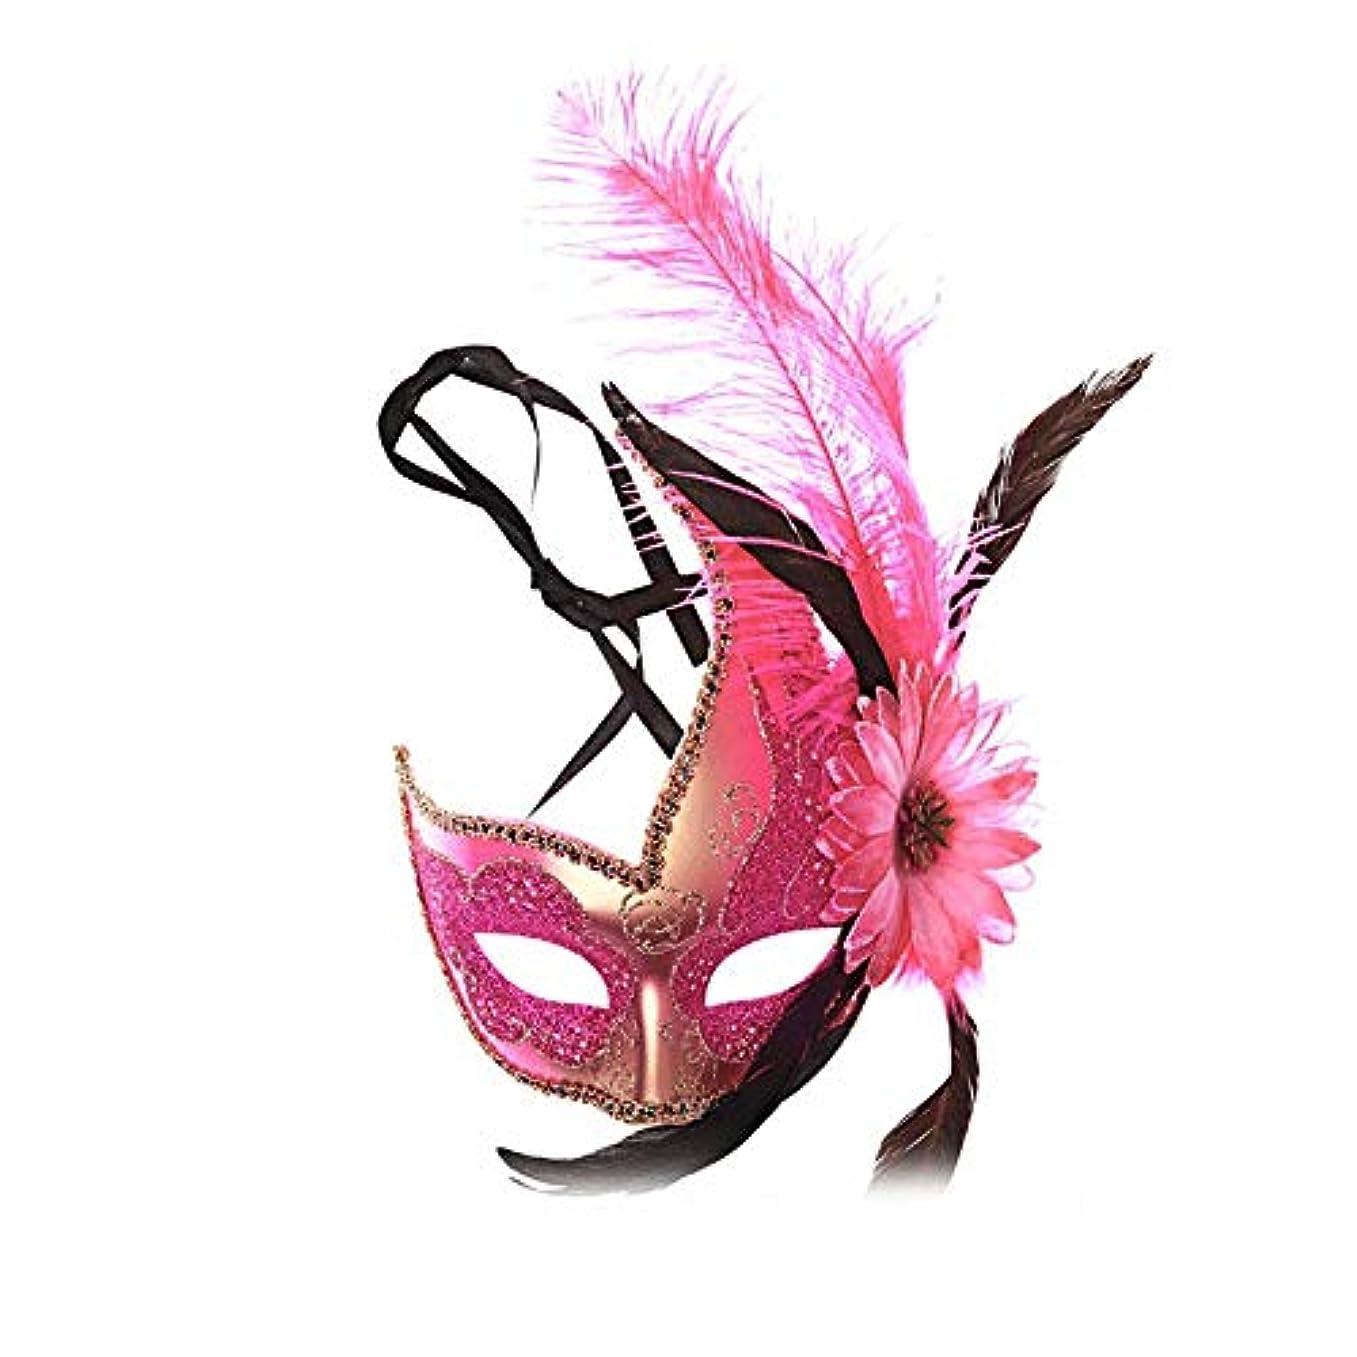 預言者隔離予約Nanle ハロウィンマスクハーフフェザーマスクベニスプリンセスマスク美容レース仮面ライダーコスプレ (色 : Style B rose red)